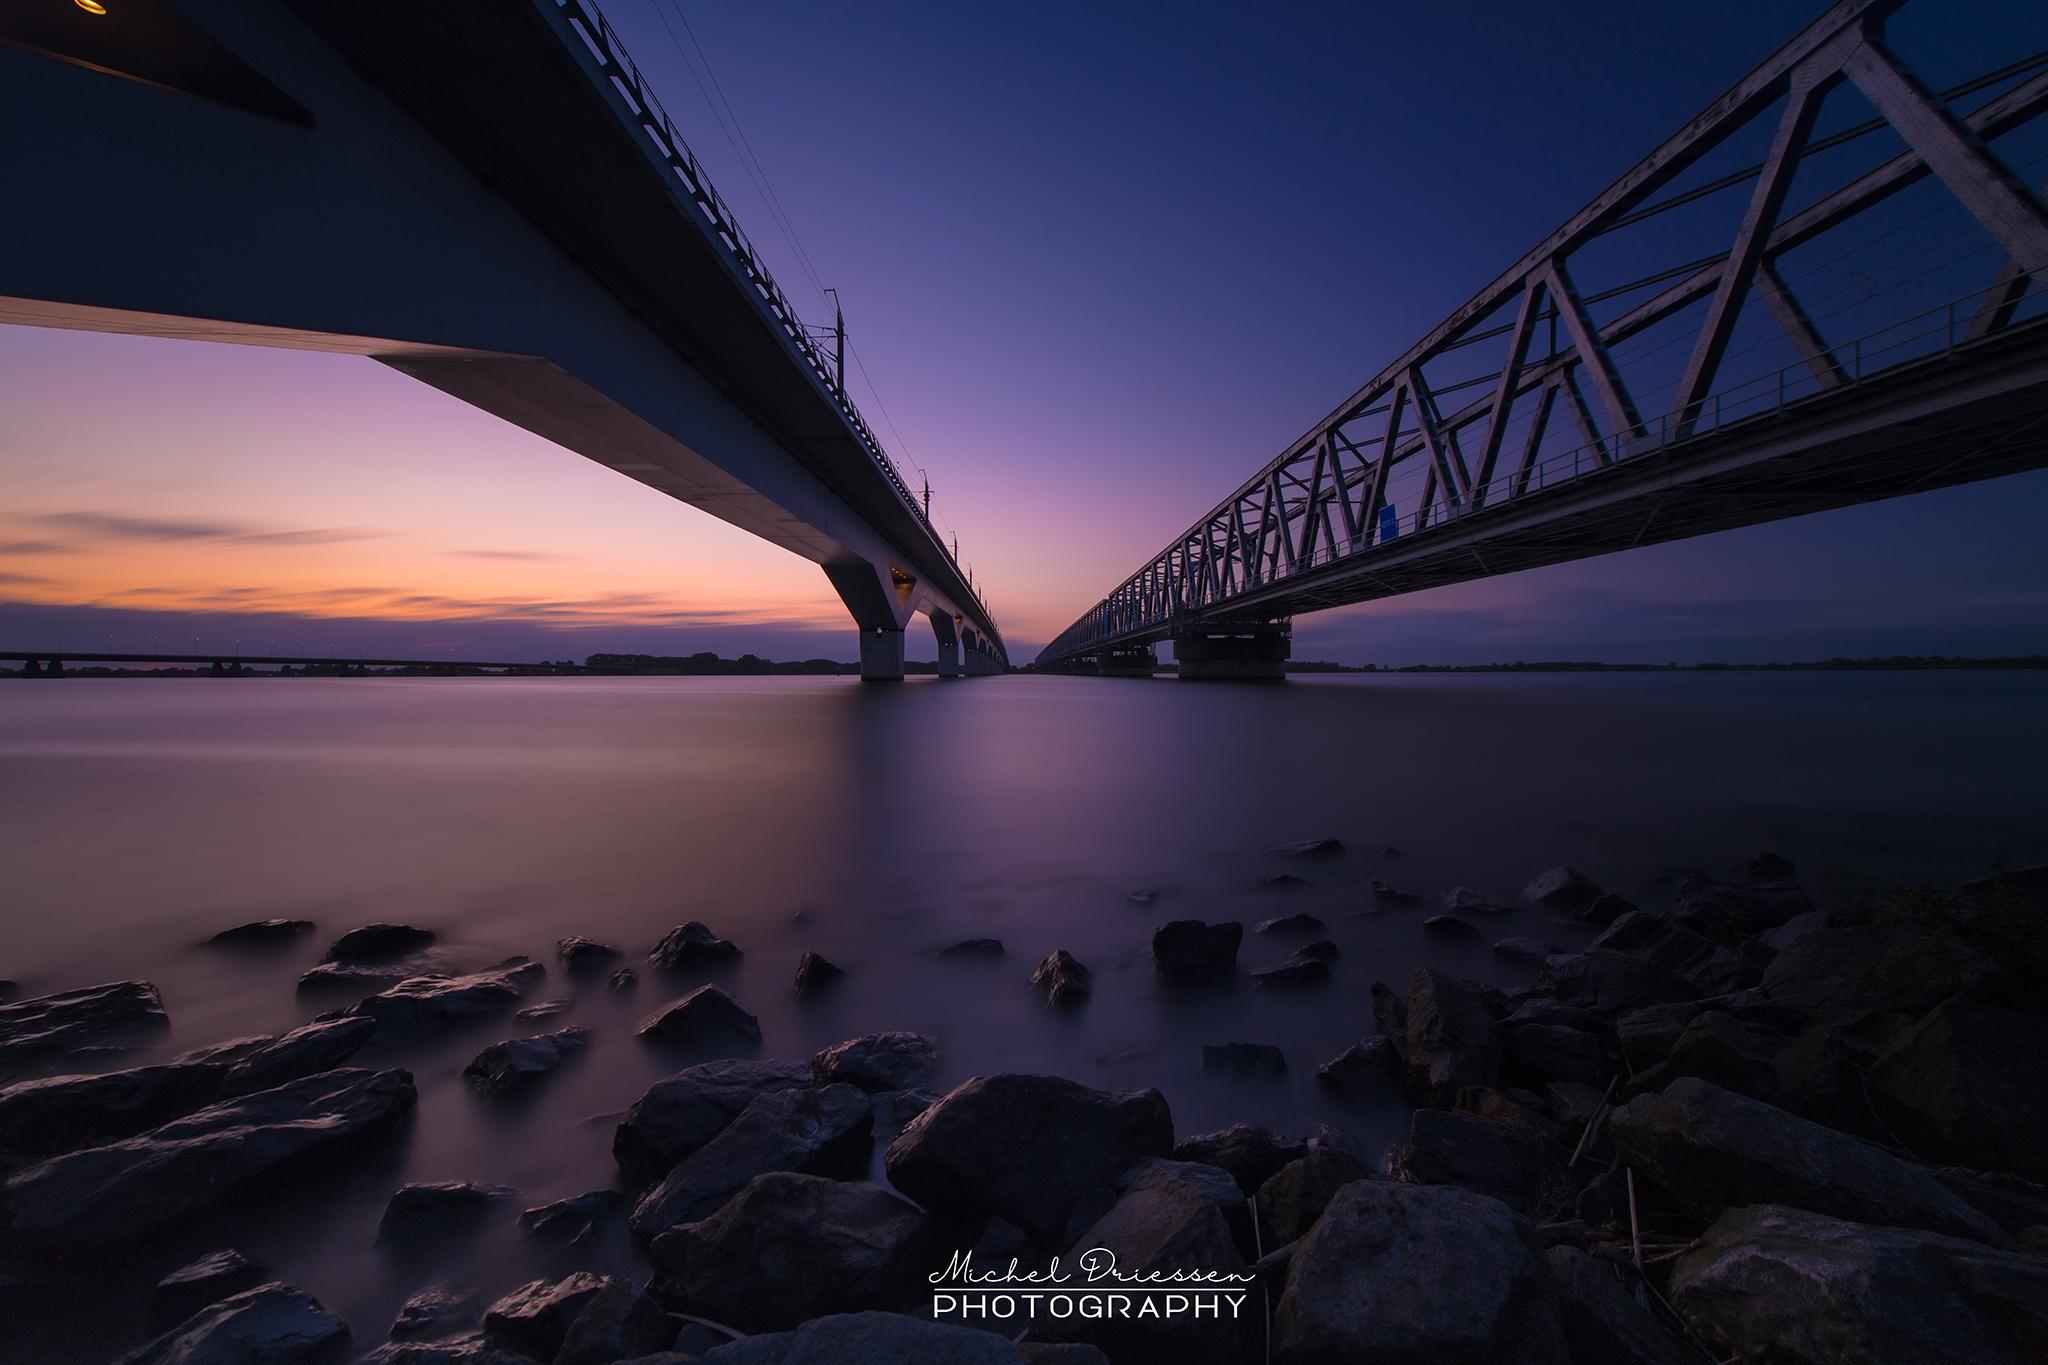 Moerdijk train bridges, Netherlands